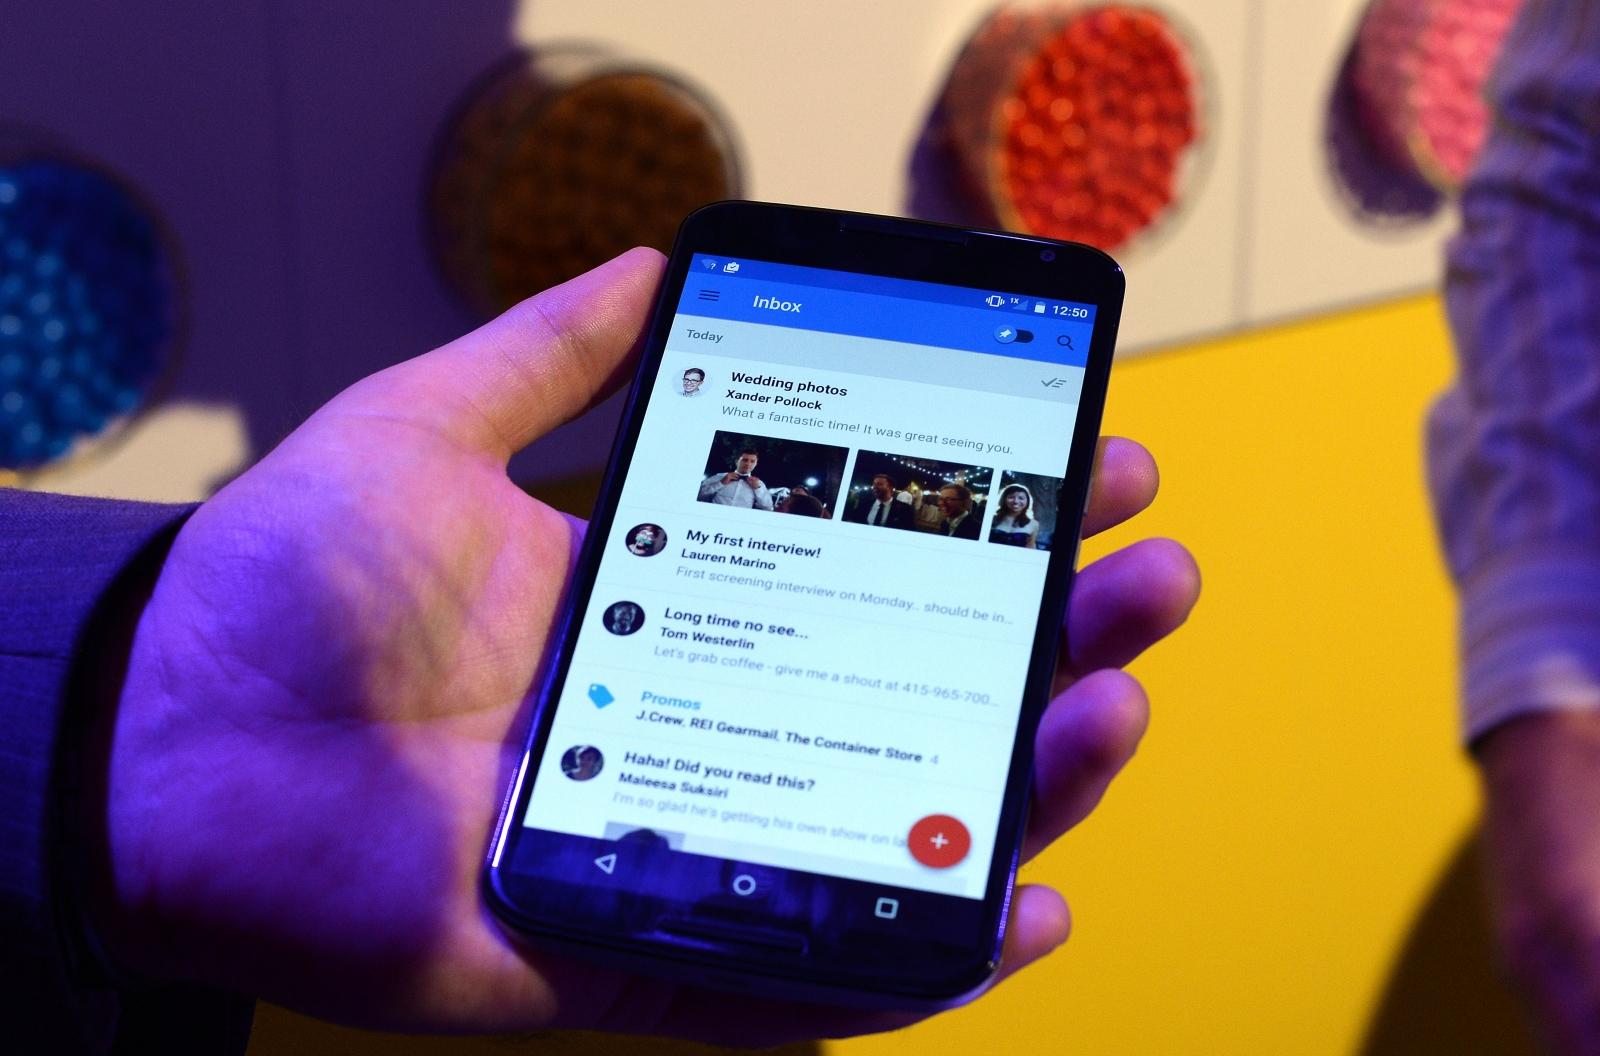 Nexus 2016 phones to pack new launcher